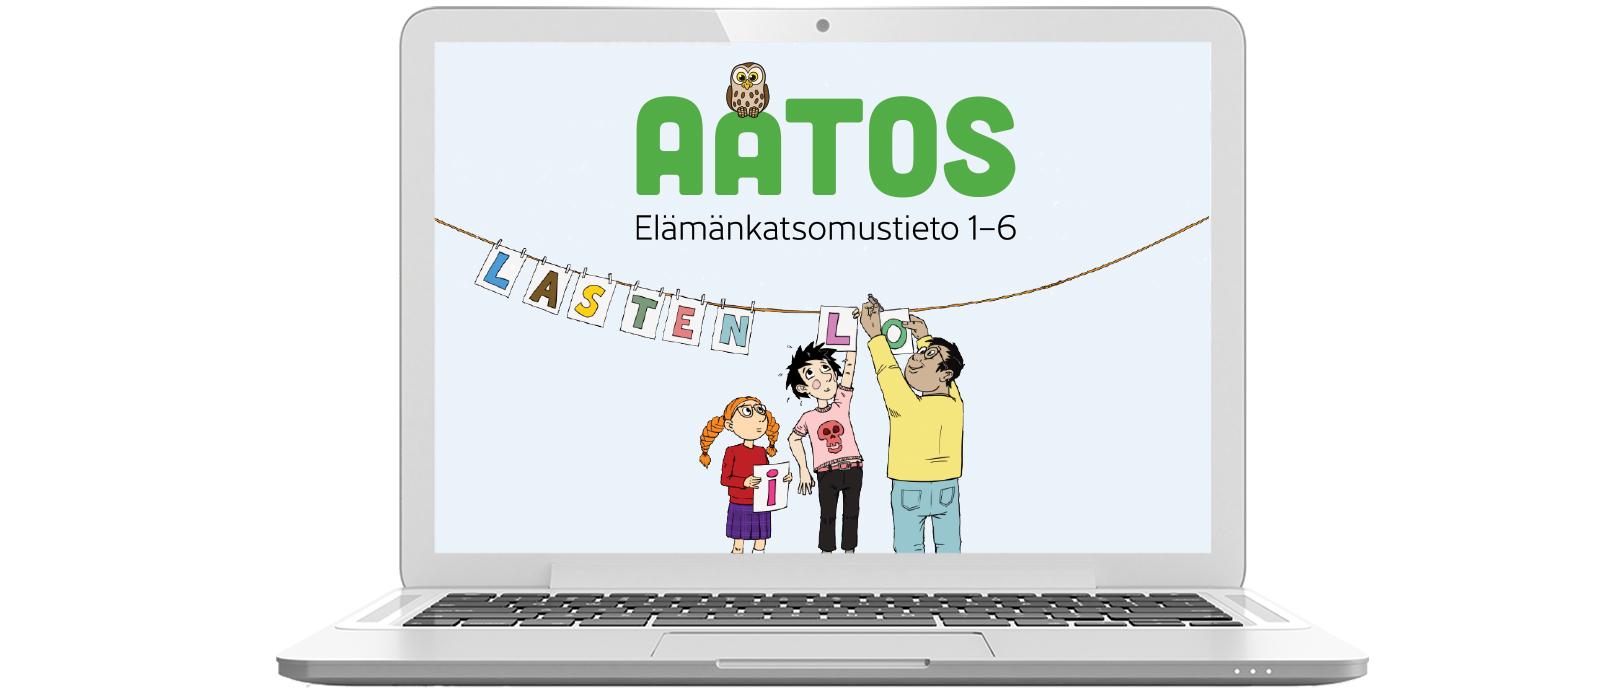 Sanoma Pron alakoulun elamankatsomustieto Aatos